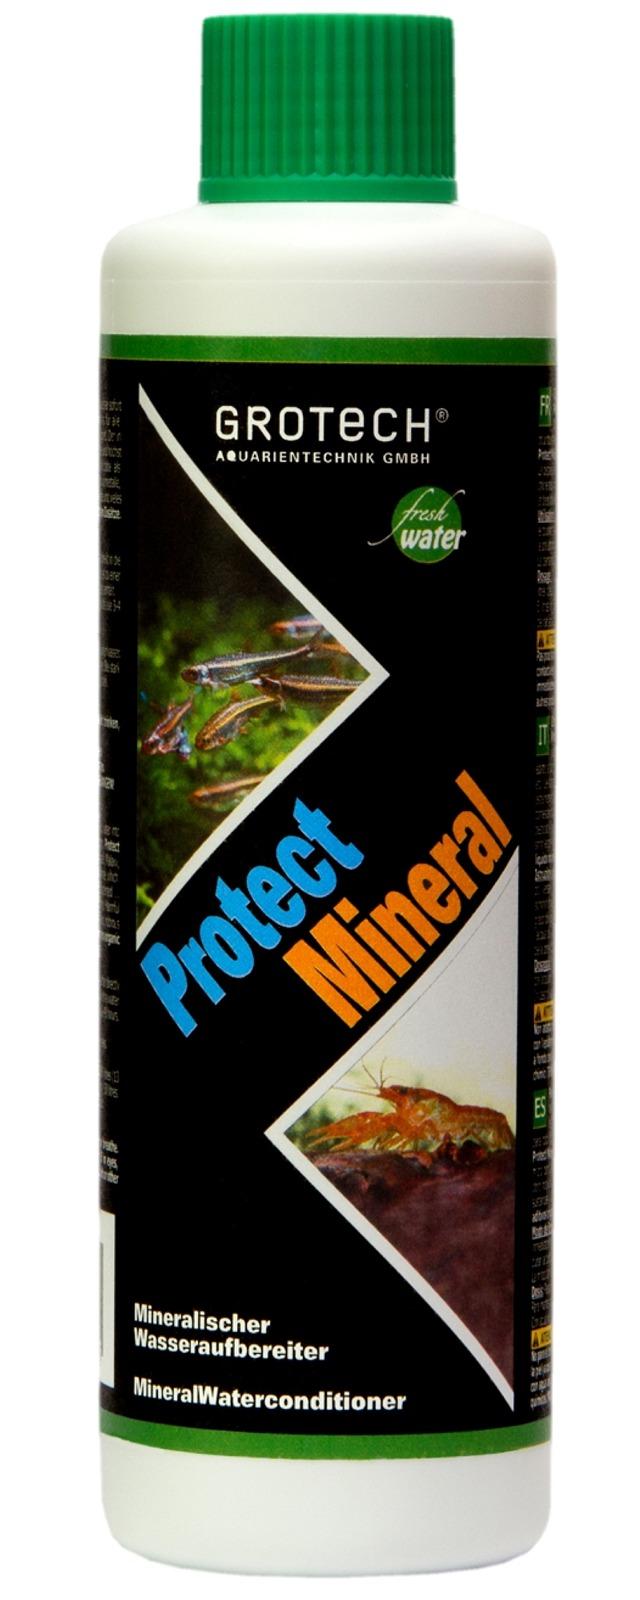 Grotech protect mineral 500 ml conditionneur d 39 eau pour for Aquariophilie en ligne